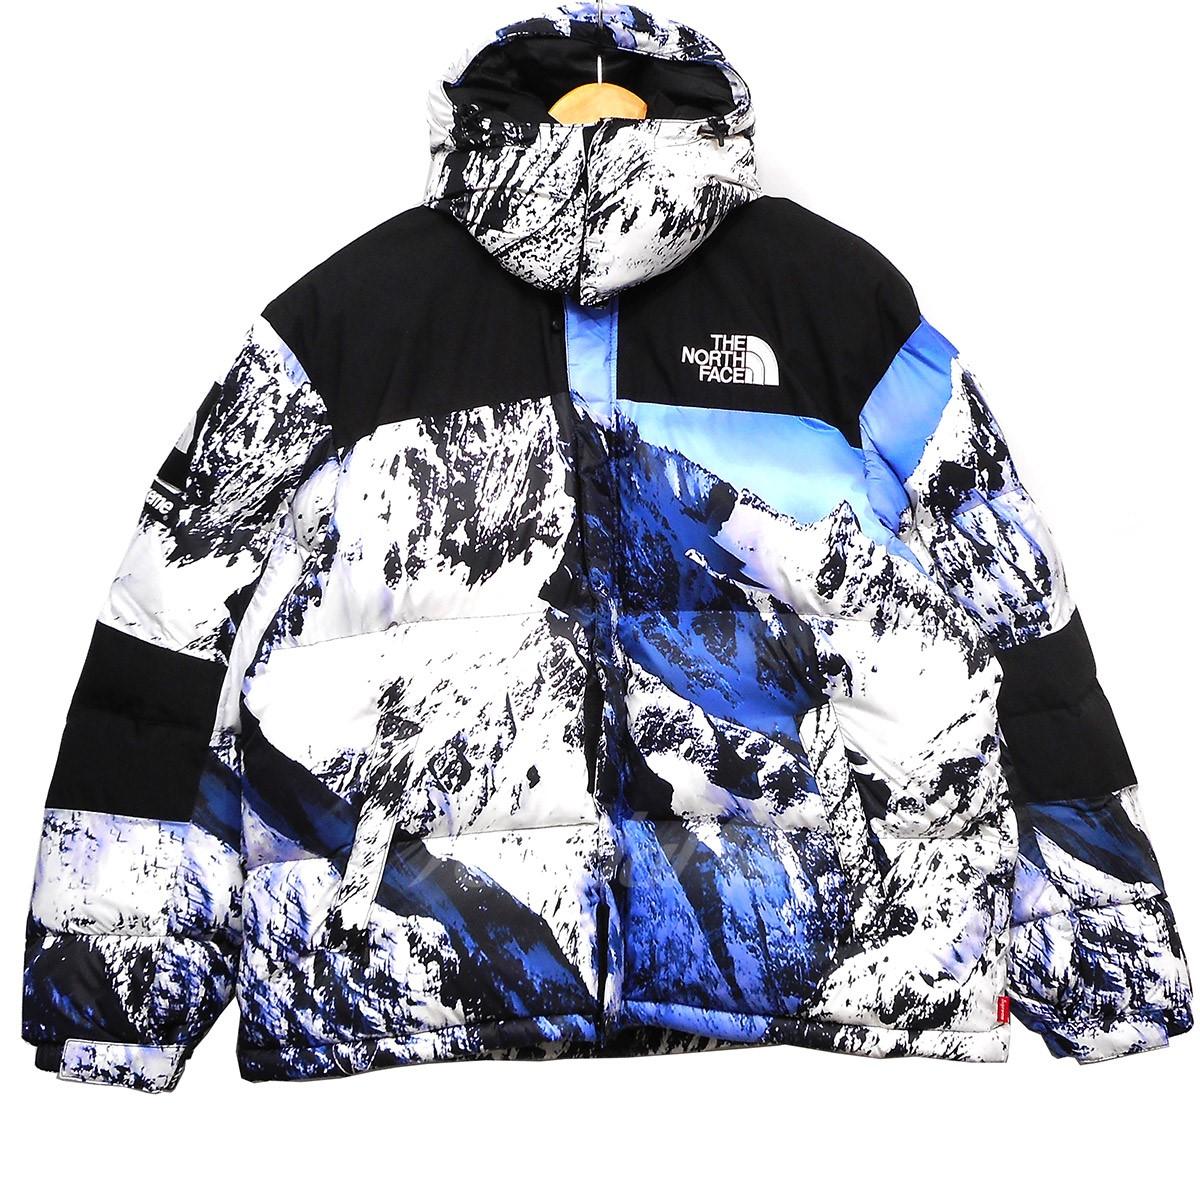 【中古】Supreme × THE NORTH FACE 17AW Mountain Print Baltoro Jacket バルトロダウンジャケット マウンテンプリント サイズ:M 【送料無料】 【241018】(シュプリーム ザノースフェイス)